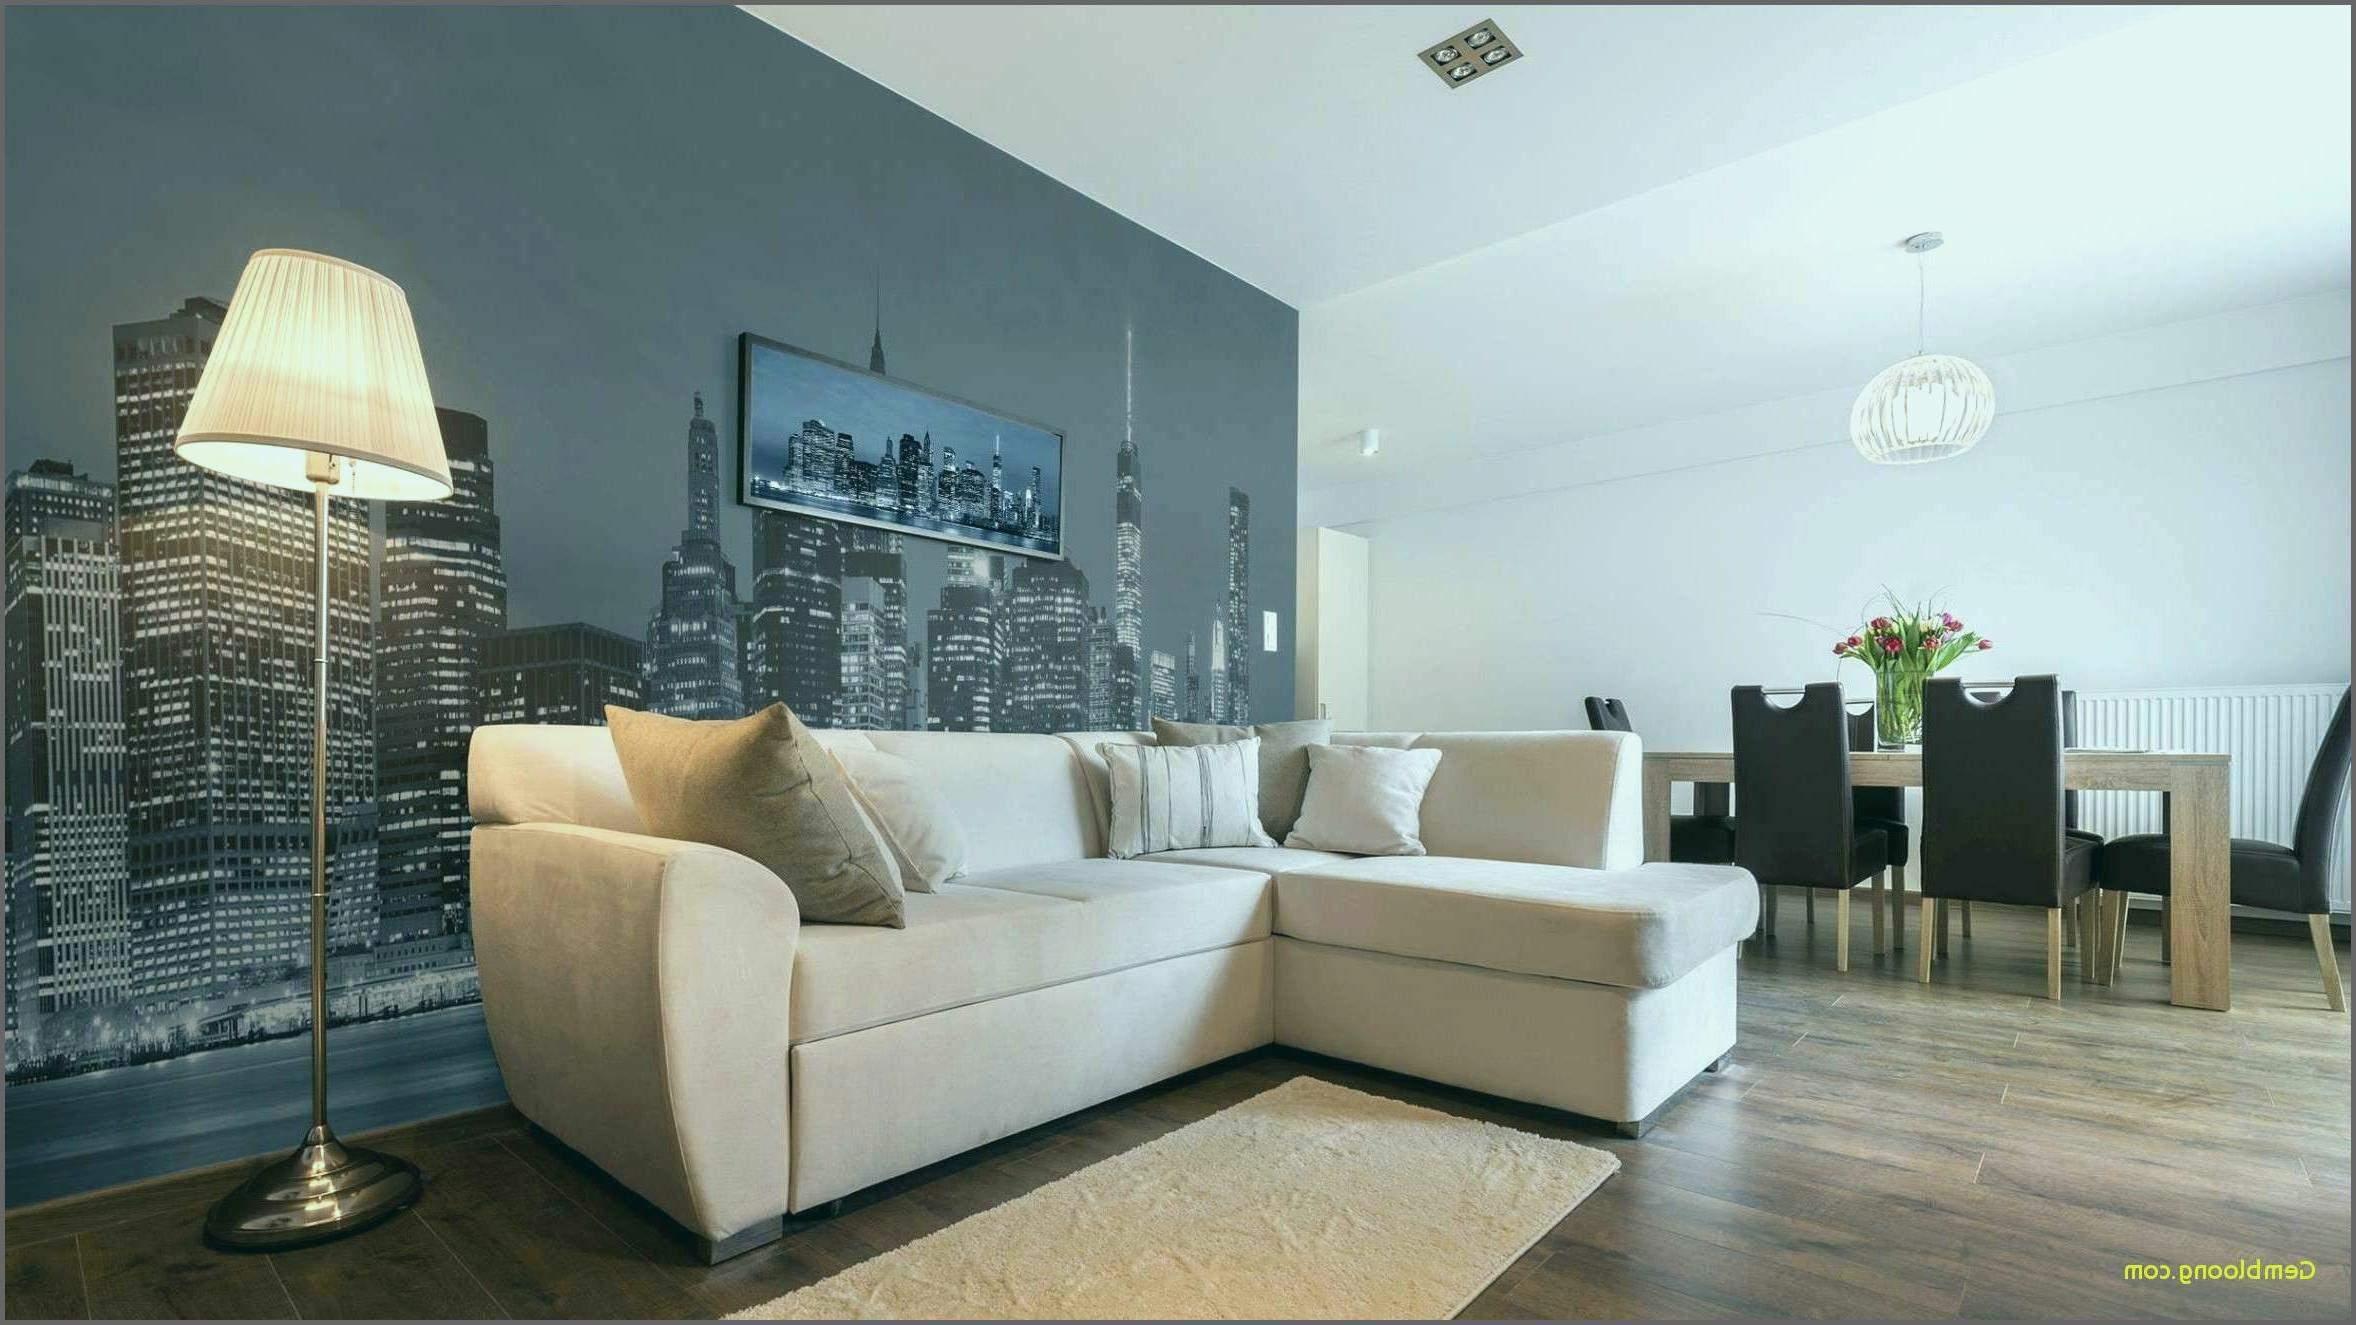 wohnzimmer beleuchtung ideen frisch design wohnzimmer bilder gemutlich wand licht dekoration of wohnzimmer beleuchtung ideen